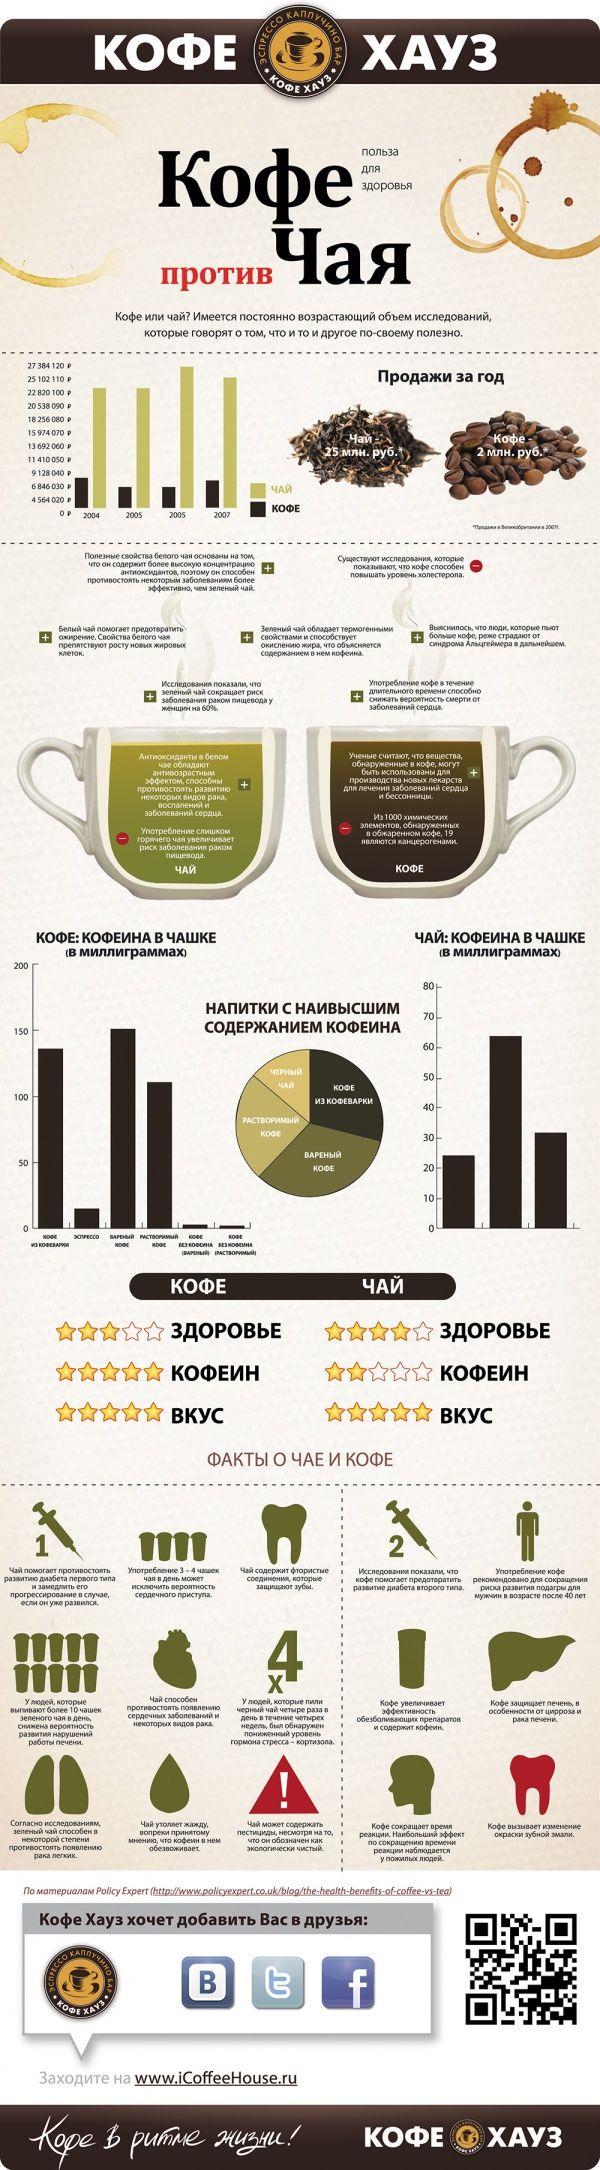 Занимательная инфографика